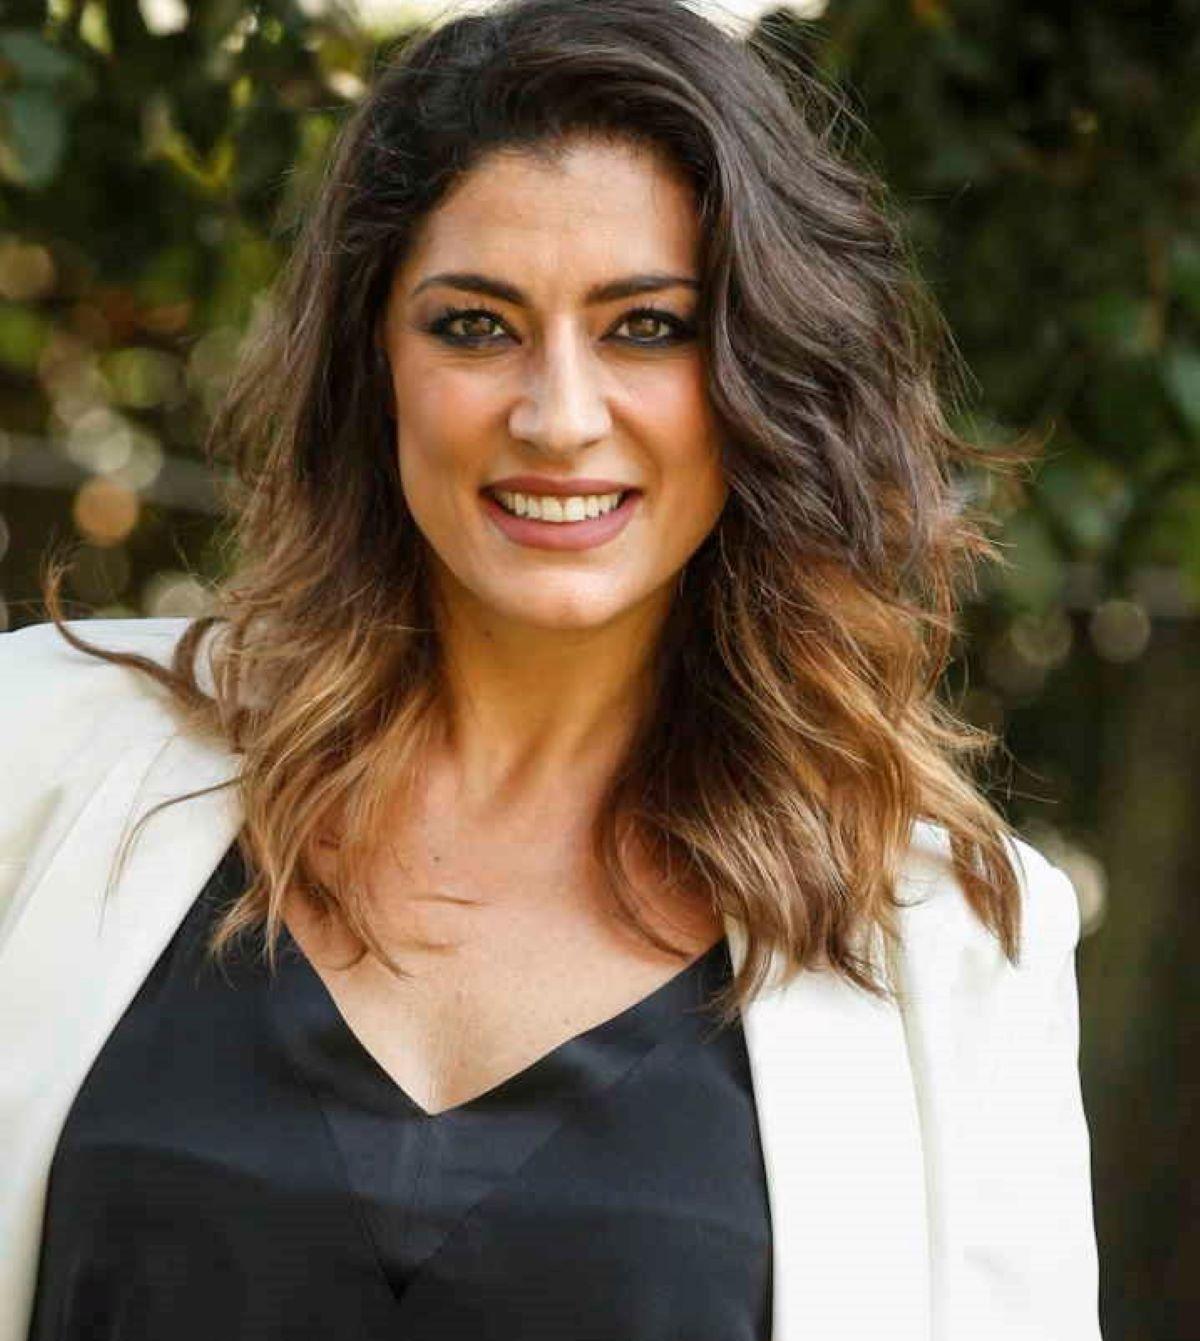 Elisa Isoardi Voci Ritorno Fiamma Ex Alessandro di Paolo Foto